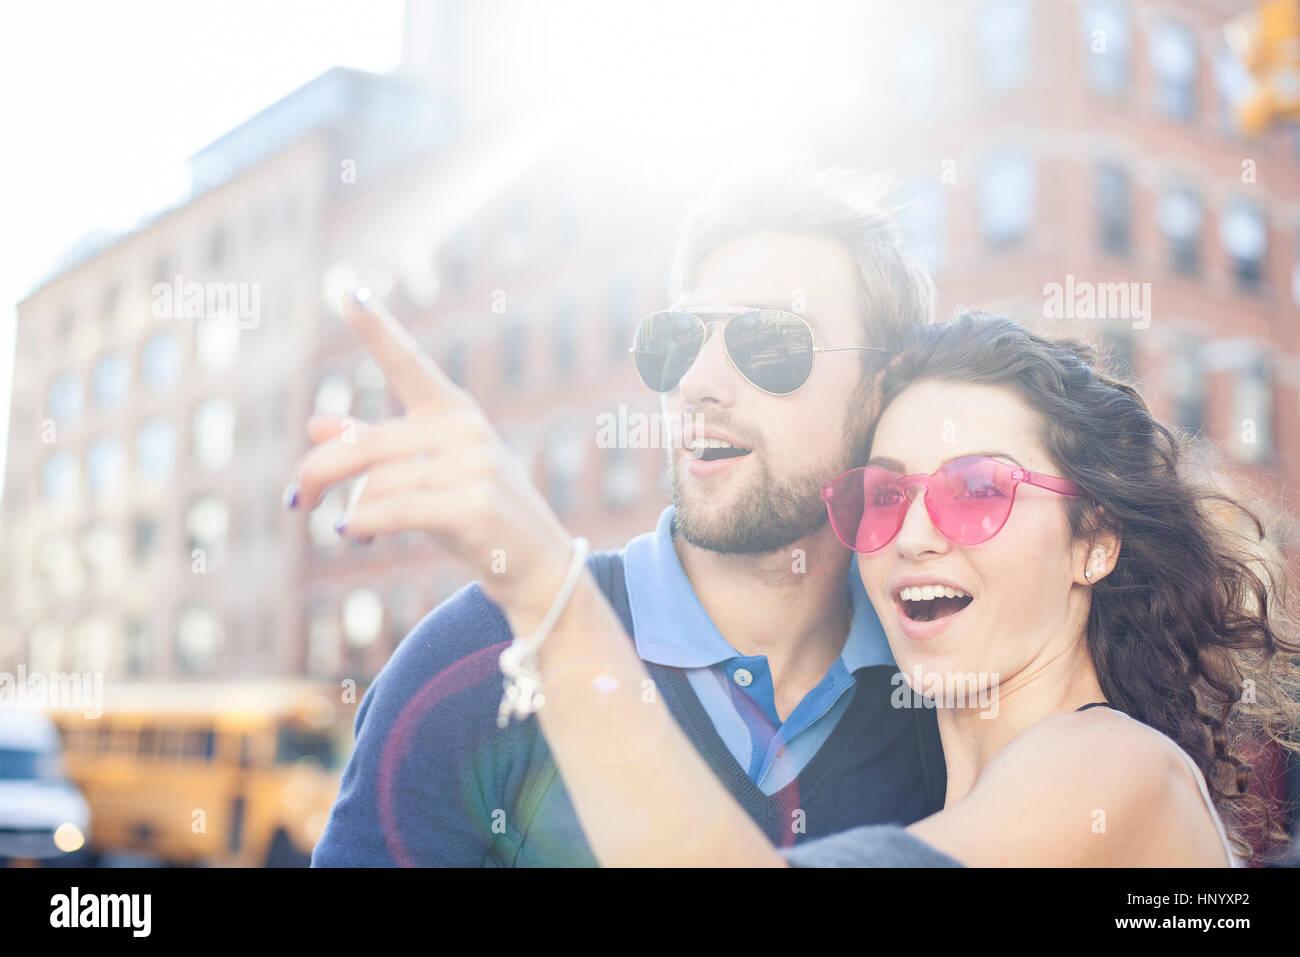 Paar Sightseeing zusammen Stockbild